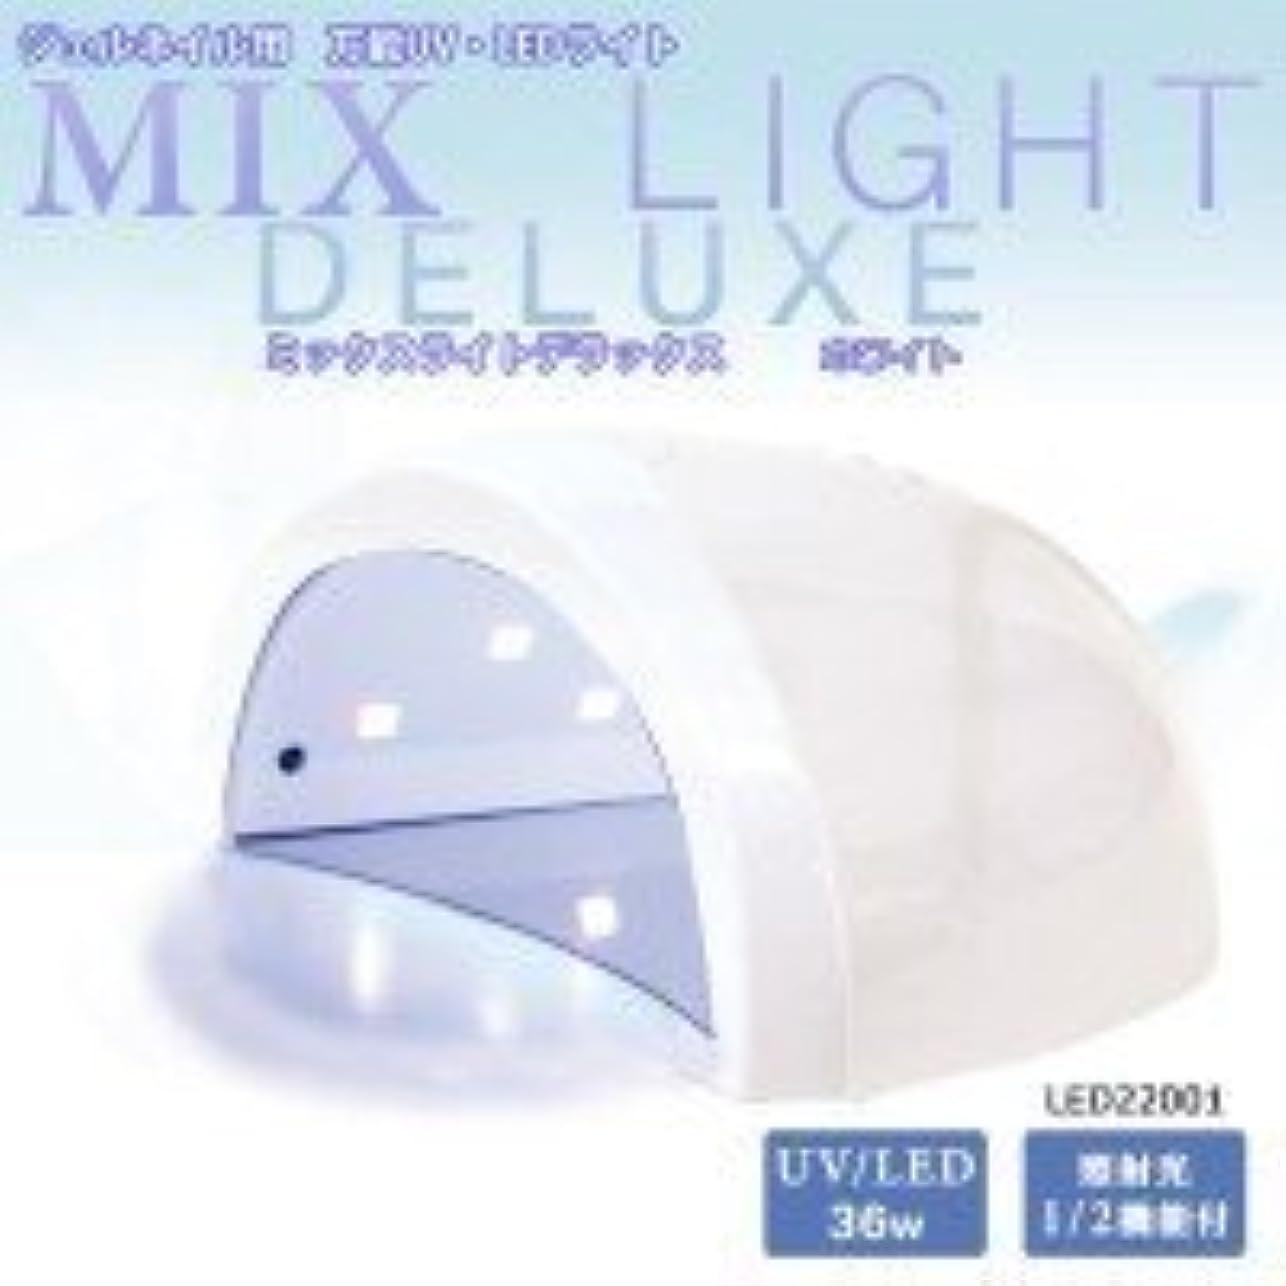 理解するジャグリング啓示ビューティーワールド ジェルネイル用 万能UV?LEDライト MIX LIGHT DELUXE ミックスライトデラックス  ホワイトLED22001